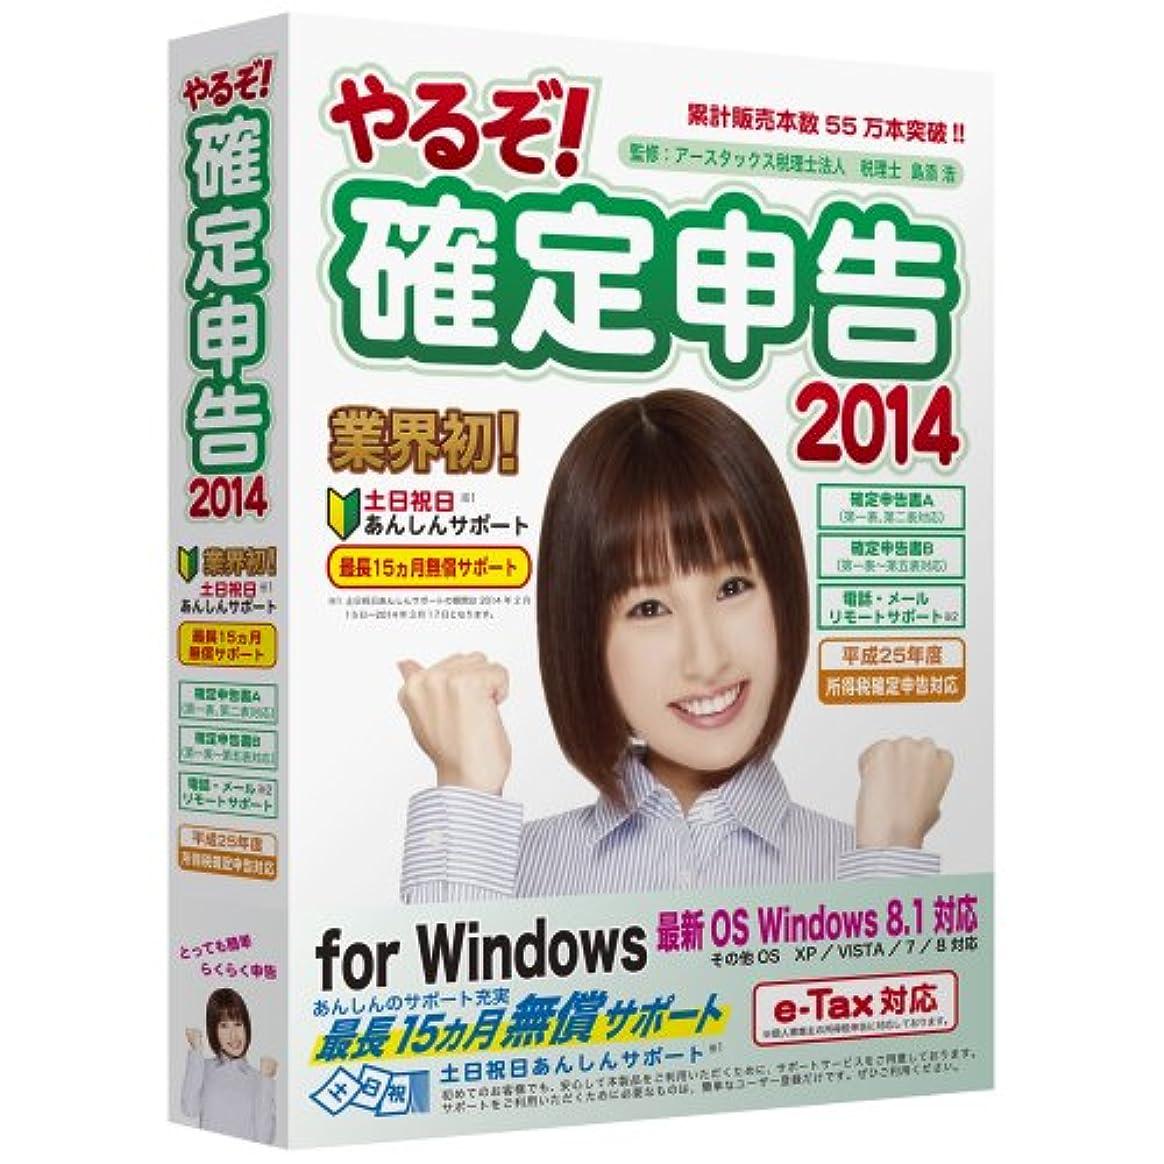 艶信念社説やるぞ! 確定申告2014 for Windows